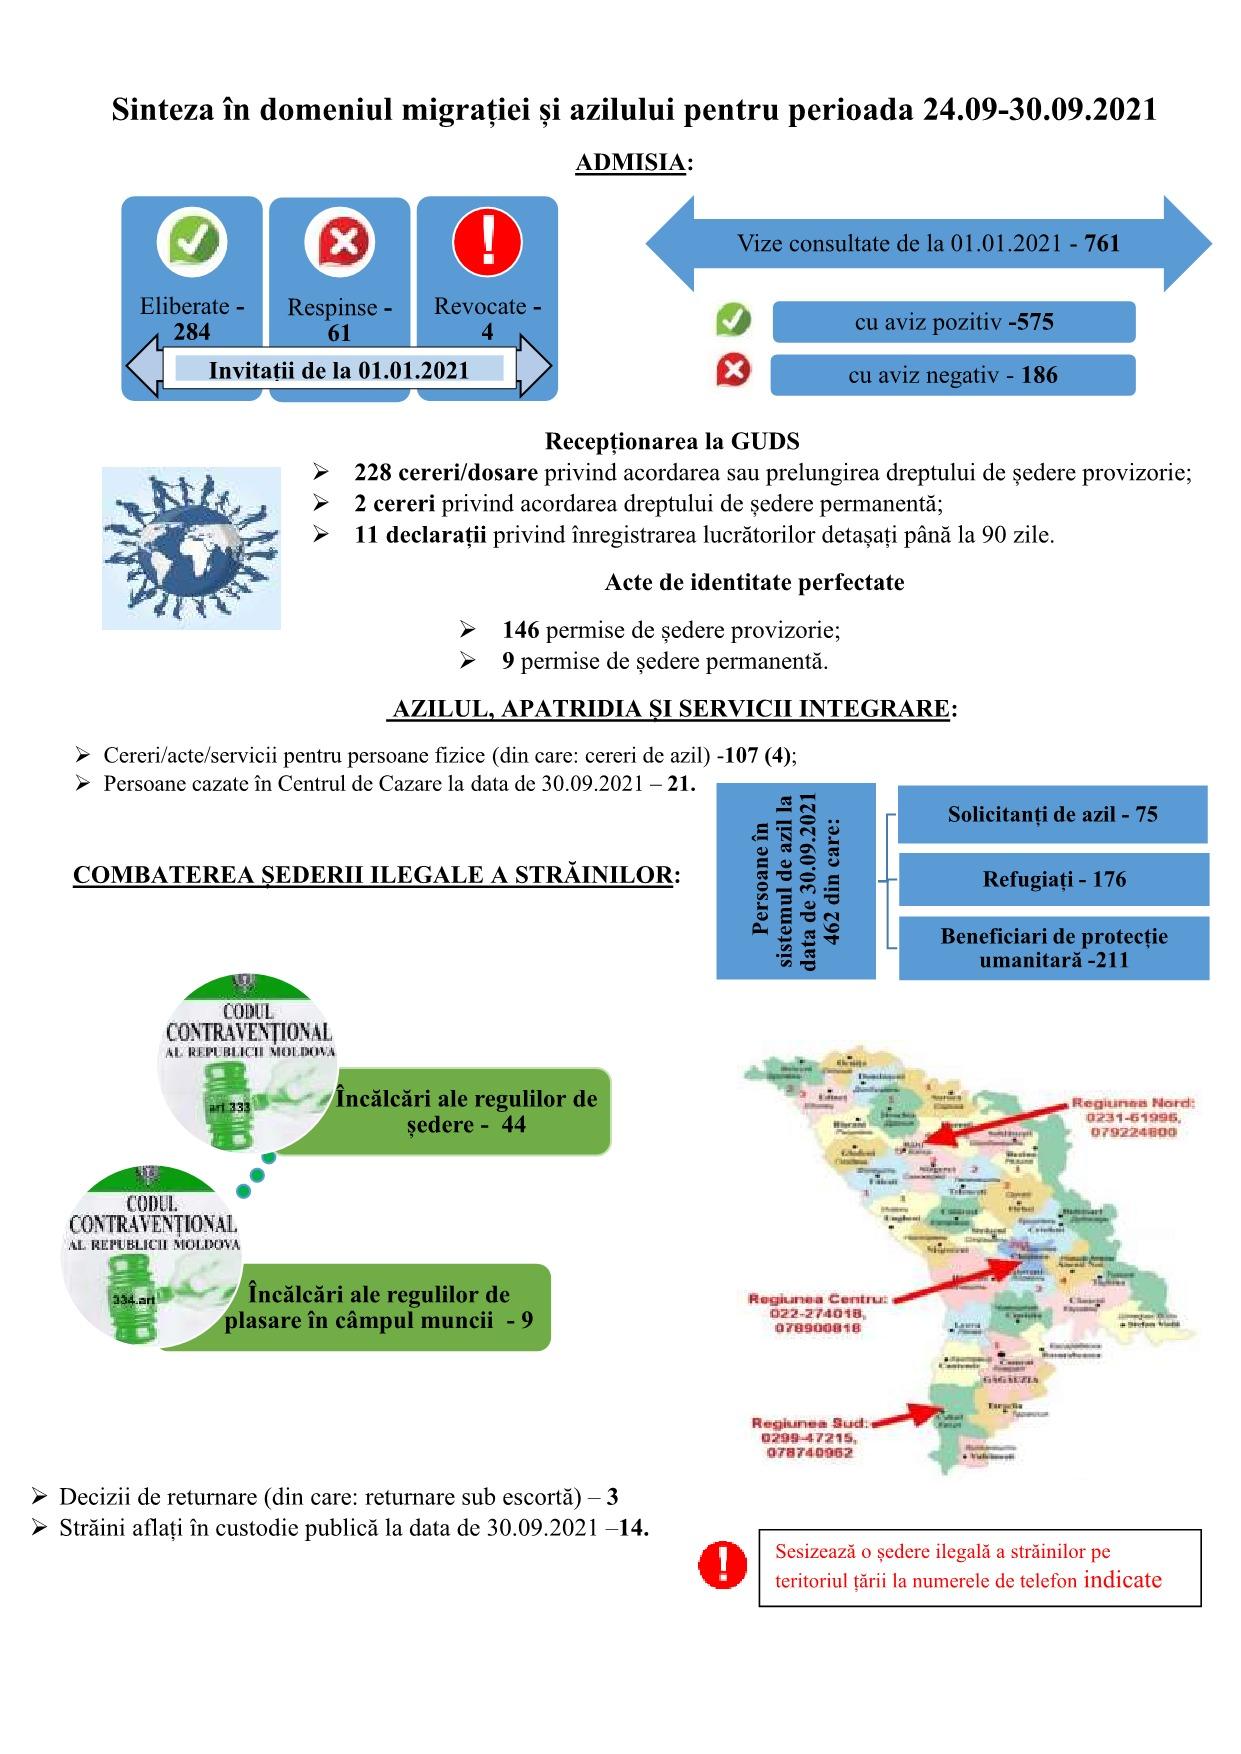 Sinteza în domeniul migrației și azilului pentru perioada 24.09-30.09.2021